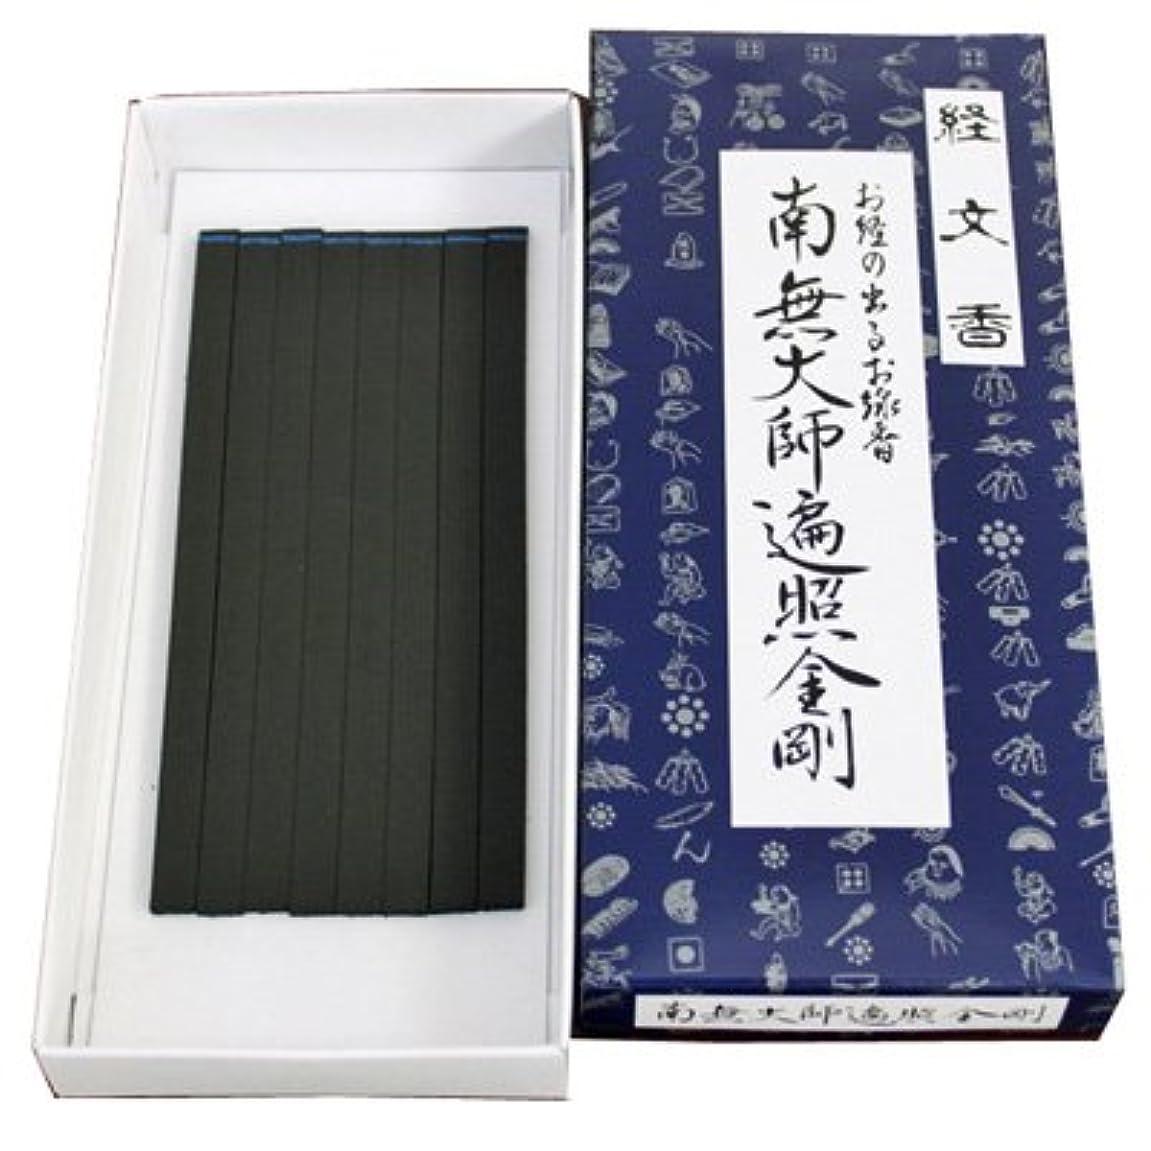 タイプライター麺マンモス経文香(南無大師遍照金剛) 文字が出るお線香